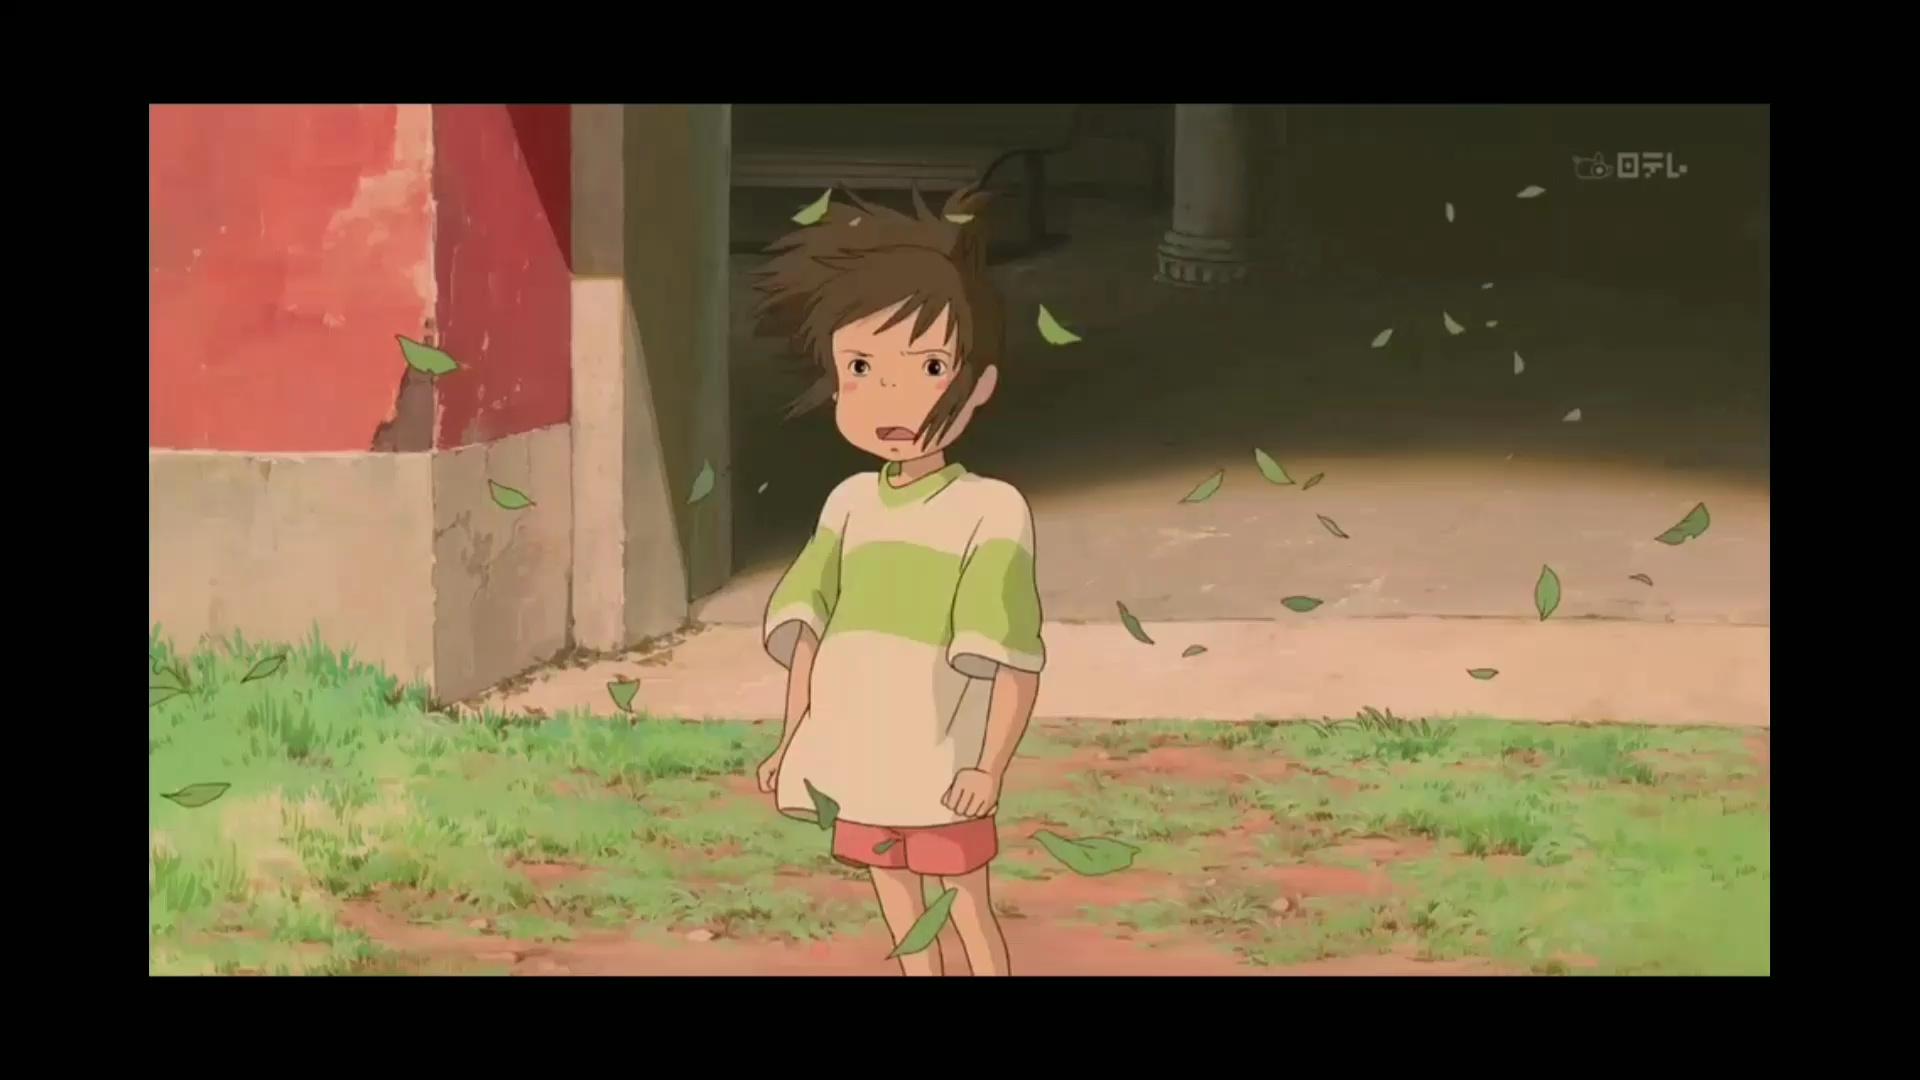 【原创视频】宫崎骏笔下的那个女孩